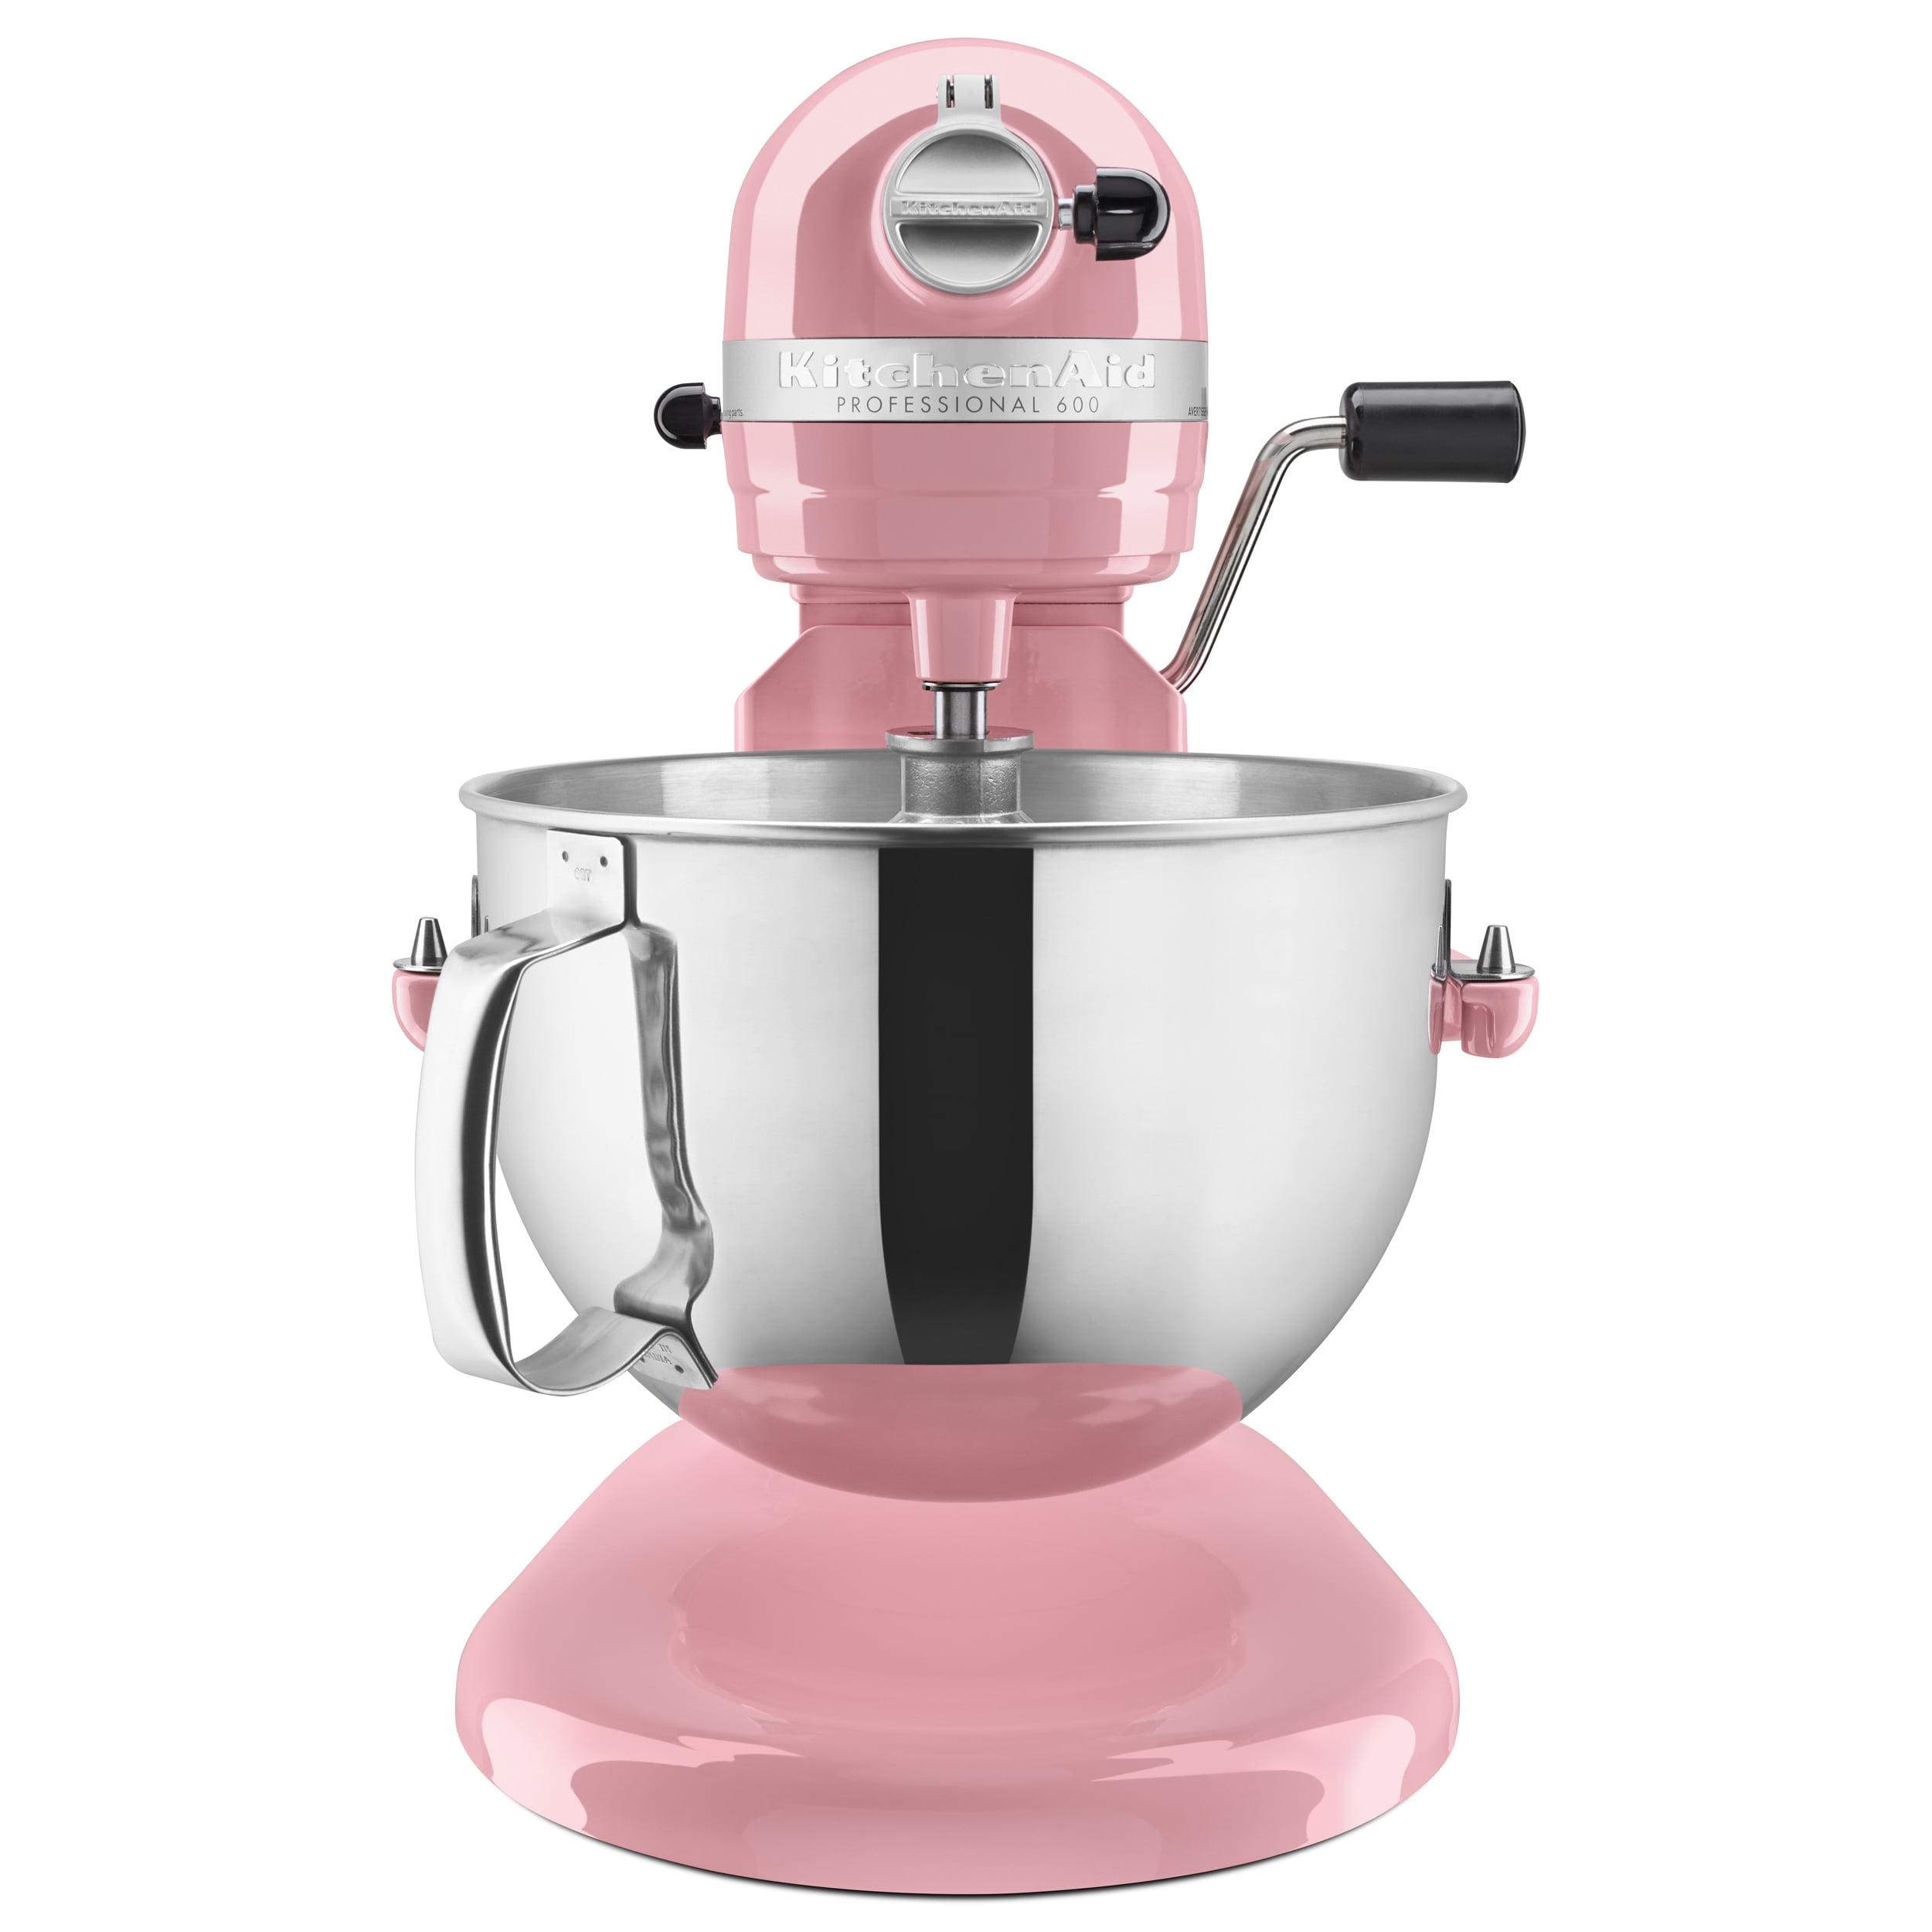 KitchenAid RKP26M1Xgd Pro 600 Stand Mixer 6 qt Gloss Cinnamon Big Capacity